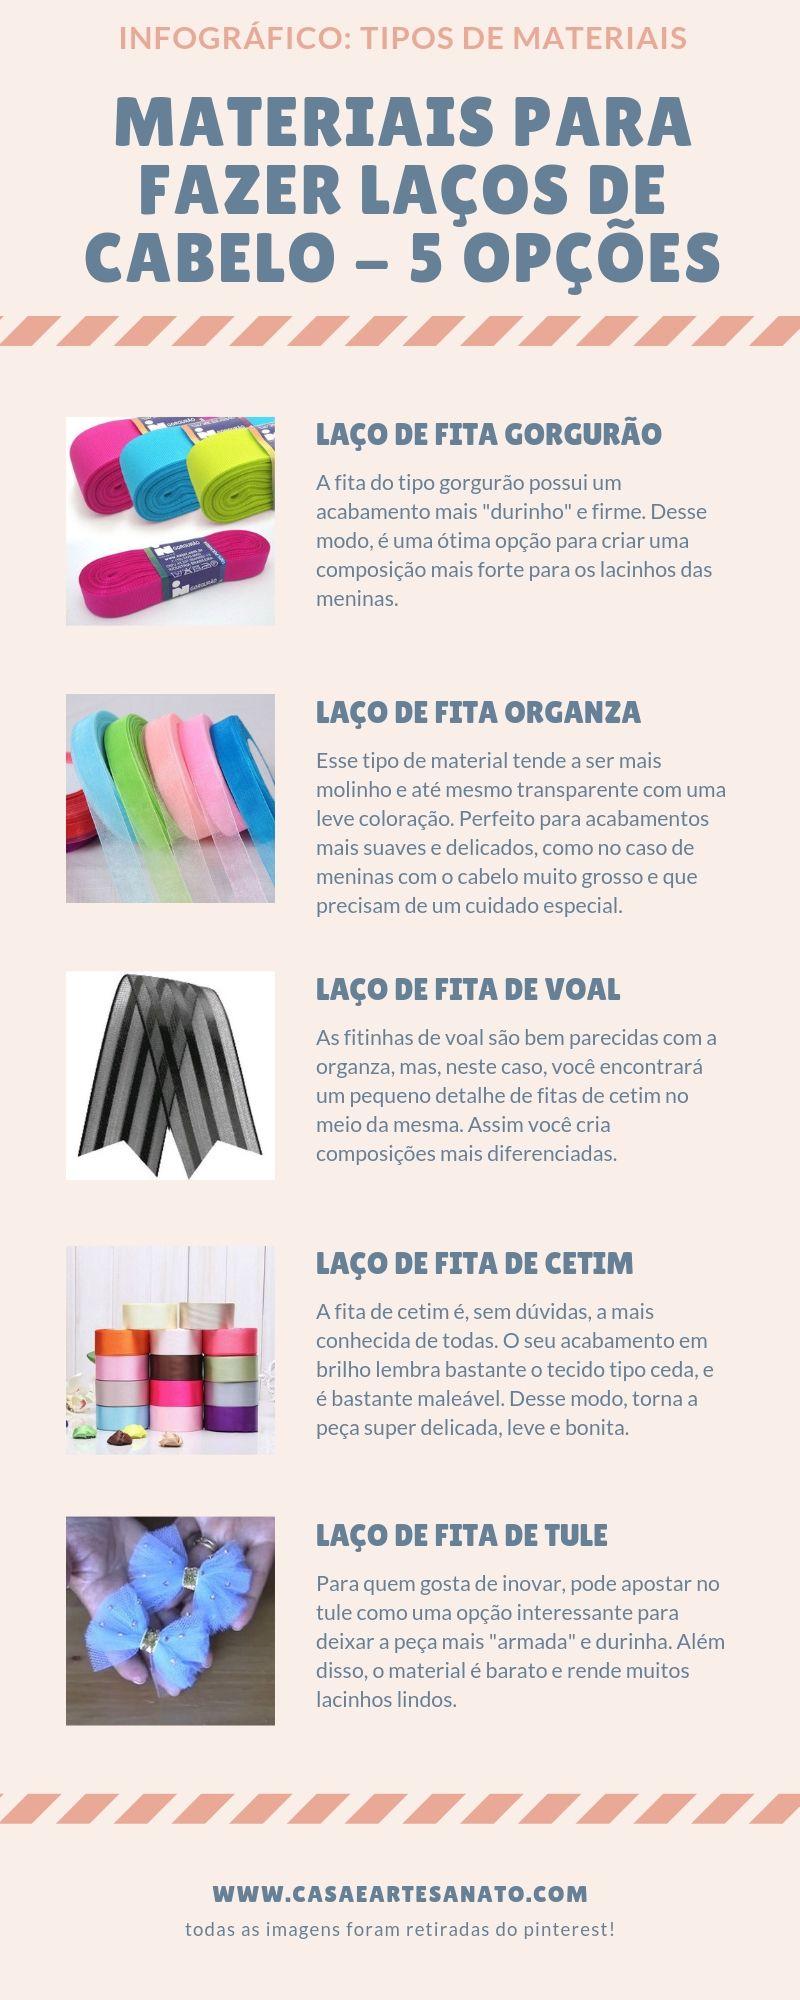 materiais para fazer laços de cabelo - infográfico